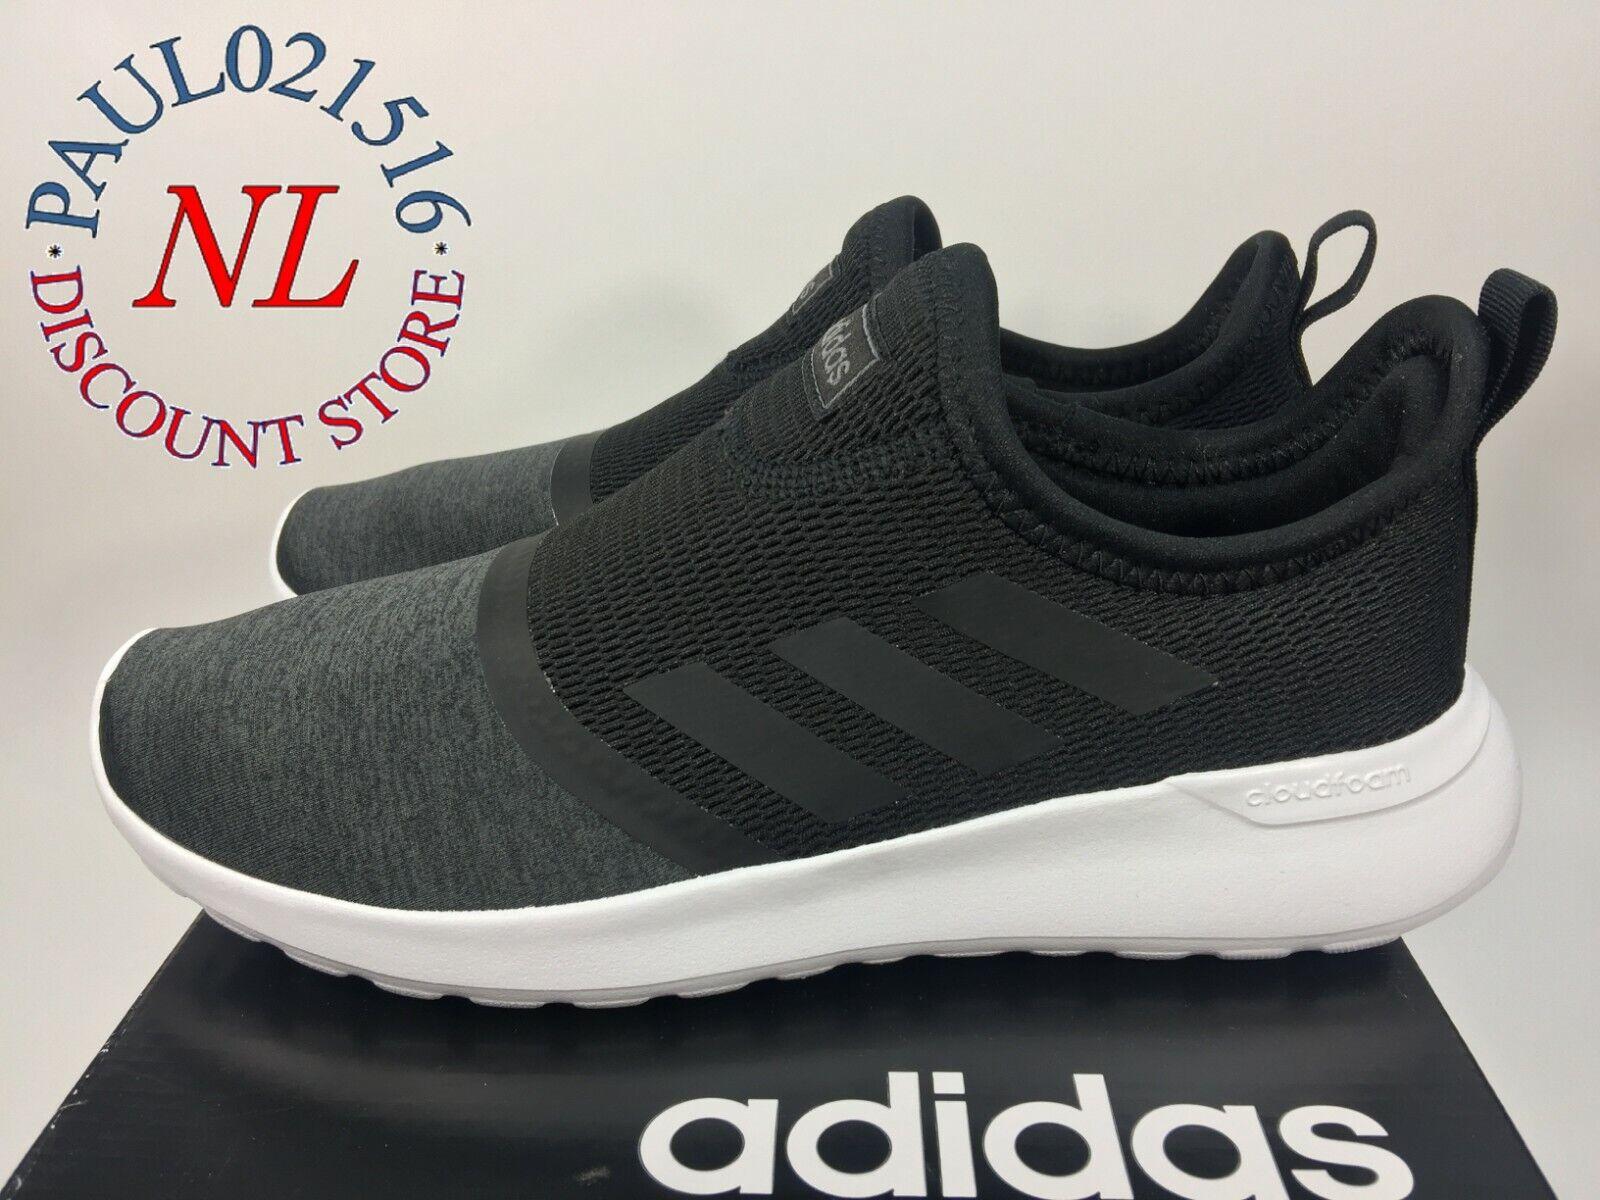 Adidas Women's Cloudfoam Lite Racer Slip Running Shoes